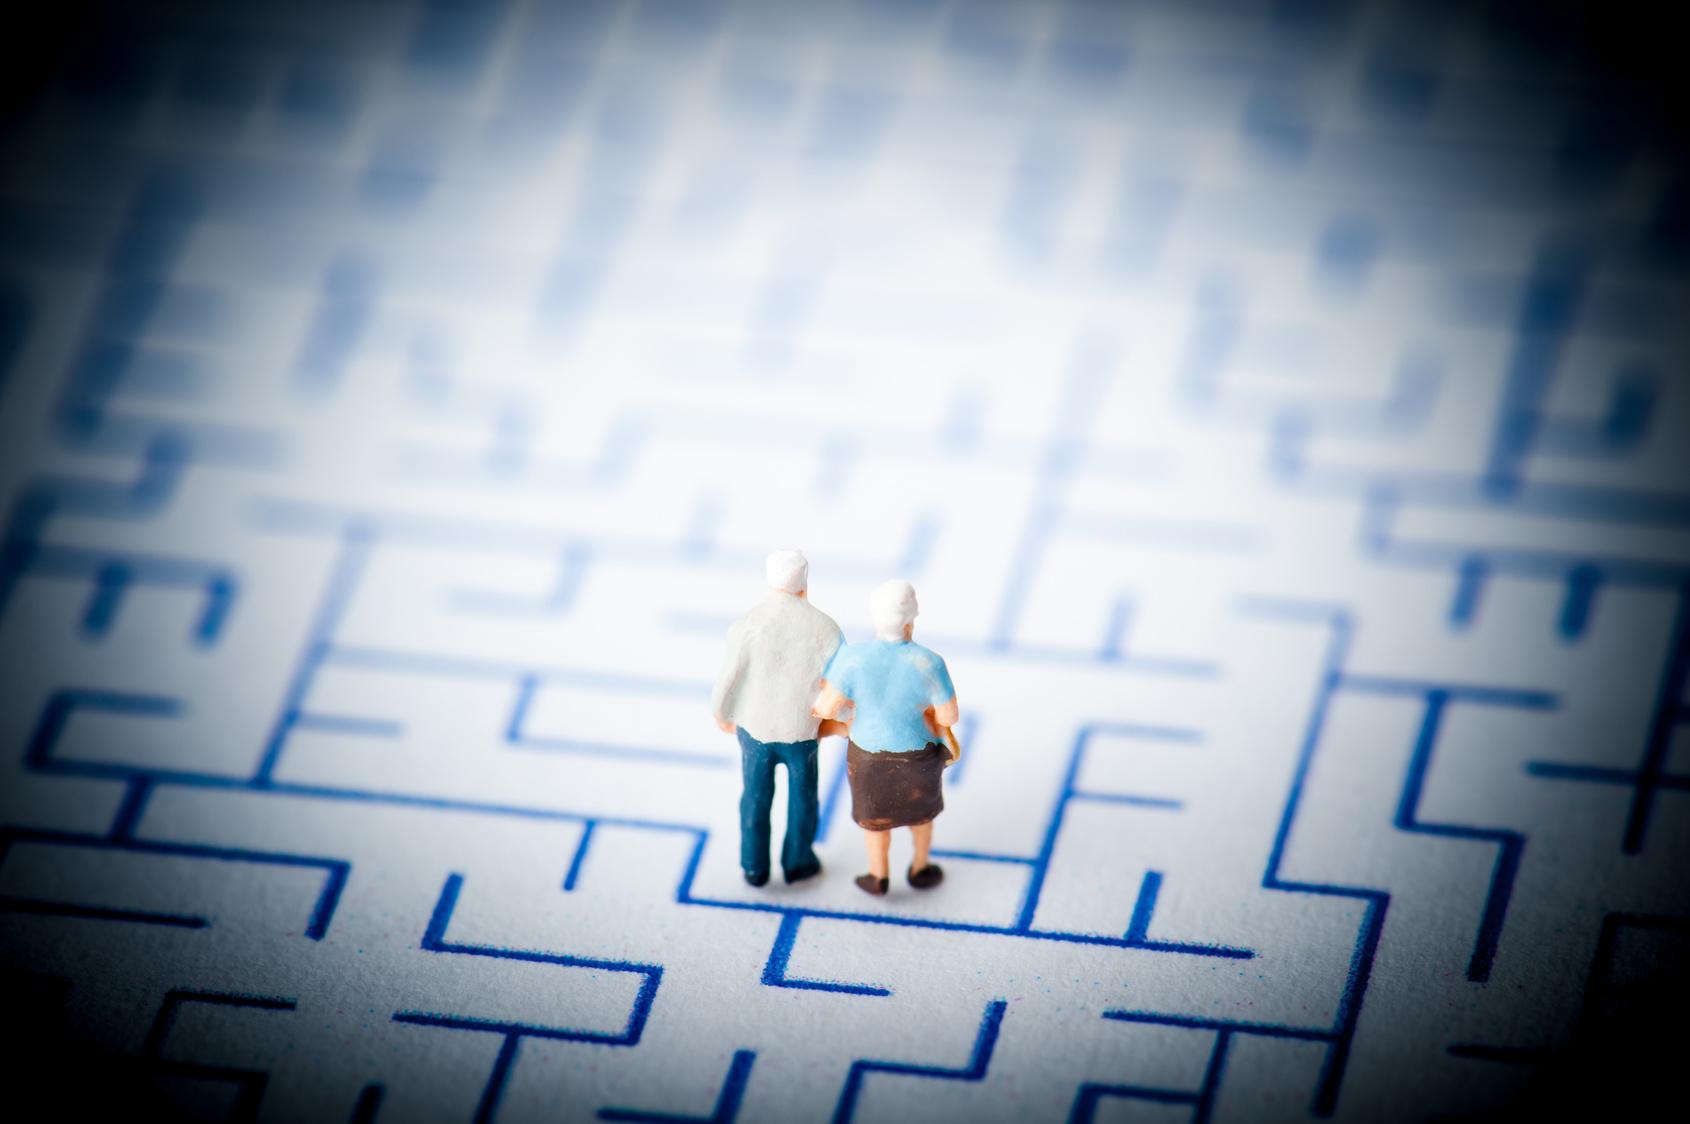 【新連載】超高齢社会への提言「エイジング・リテラシー」(有料老人ホーム入居支援センター)